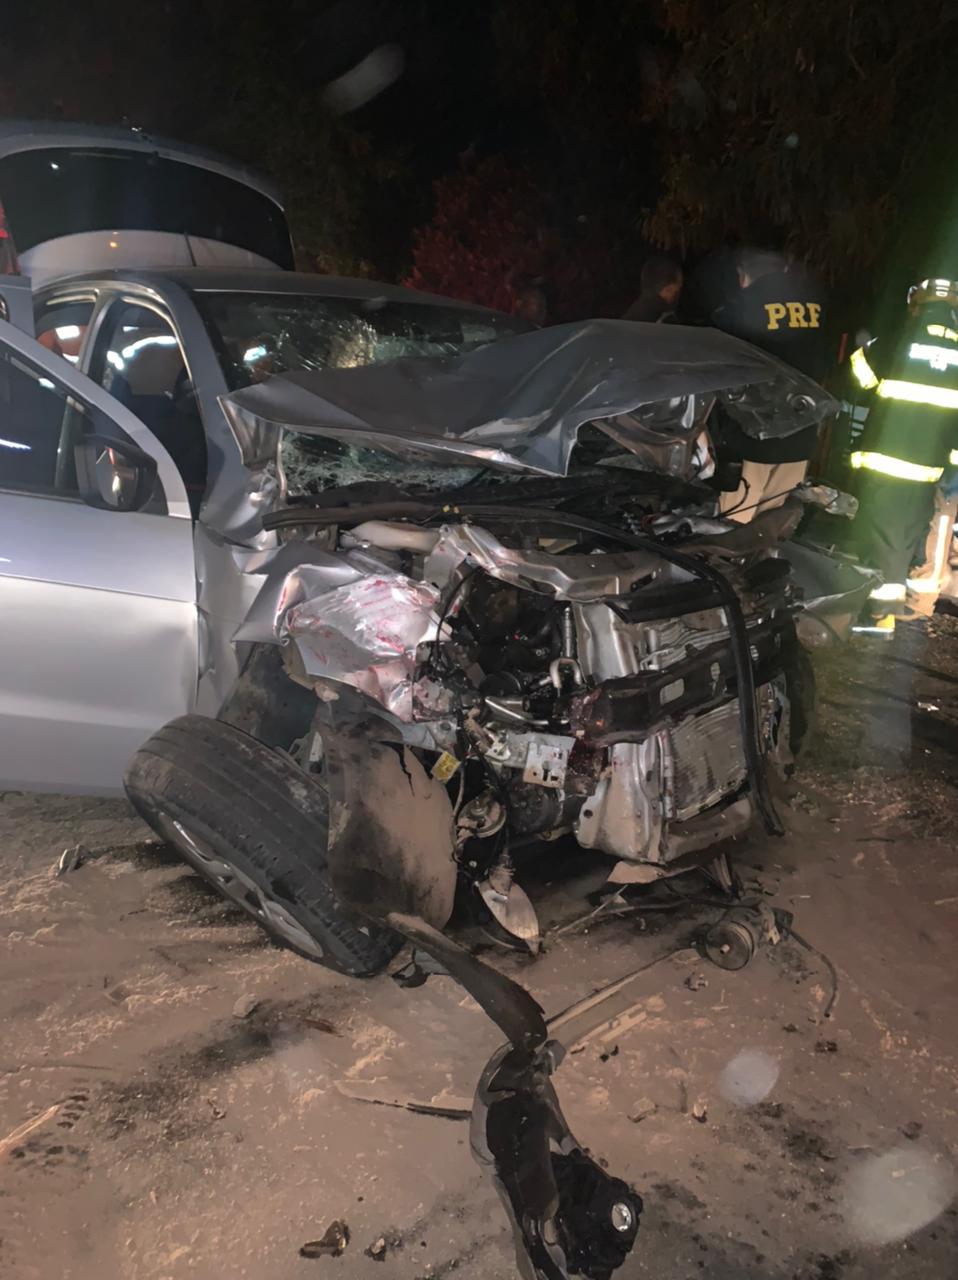 Cinco pessoas da mesma família ficam feridas após equipamento desprende de caminhão na BR-381, em Sabará - Foto: Divulgação/Corpo de Bombeiros